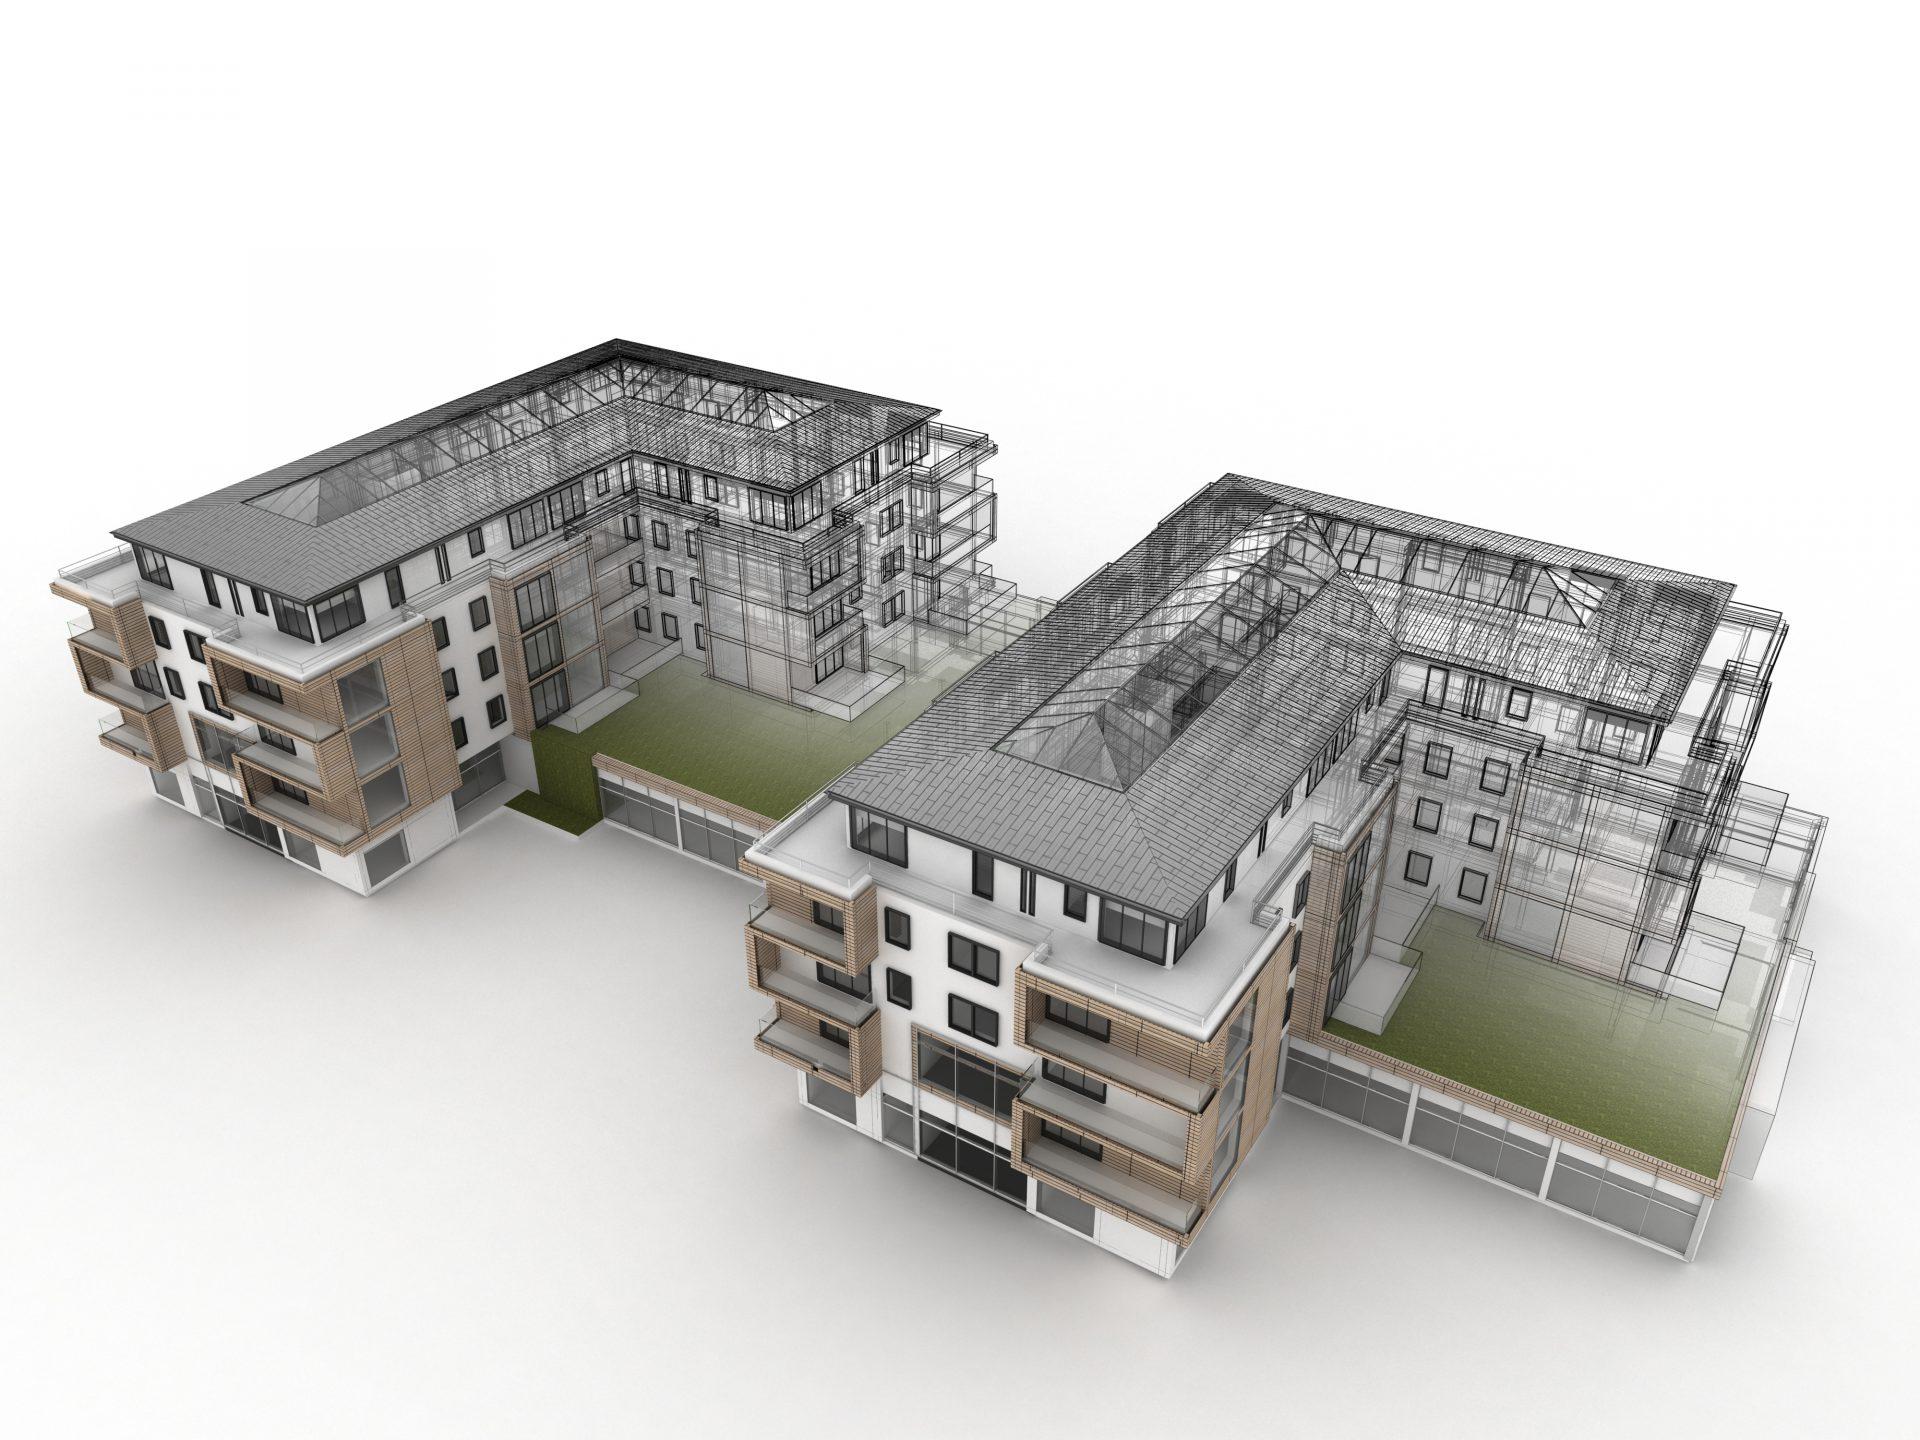 Onderzoek naar gebruikte bouwmaterialen